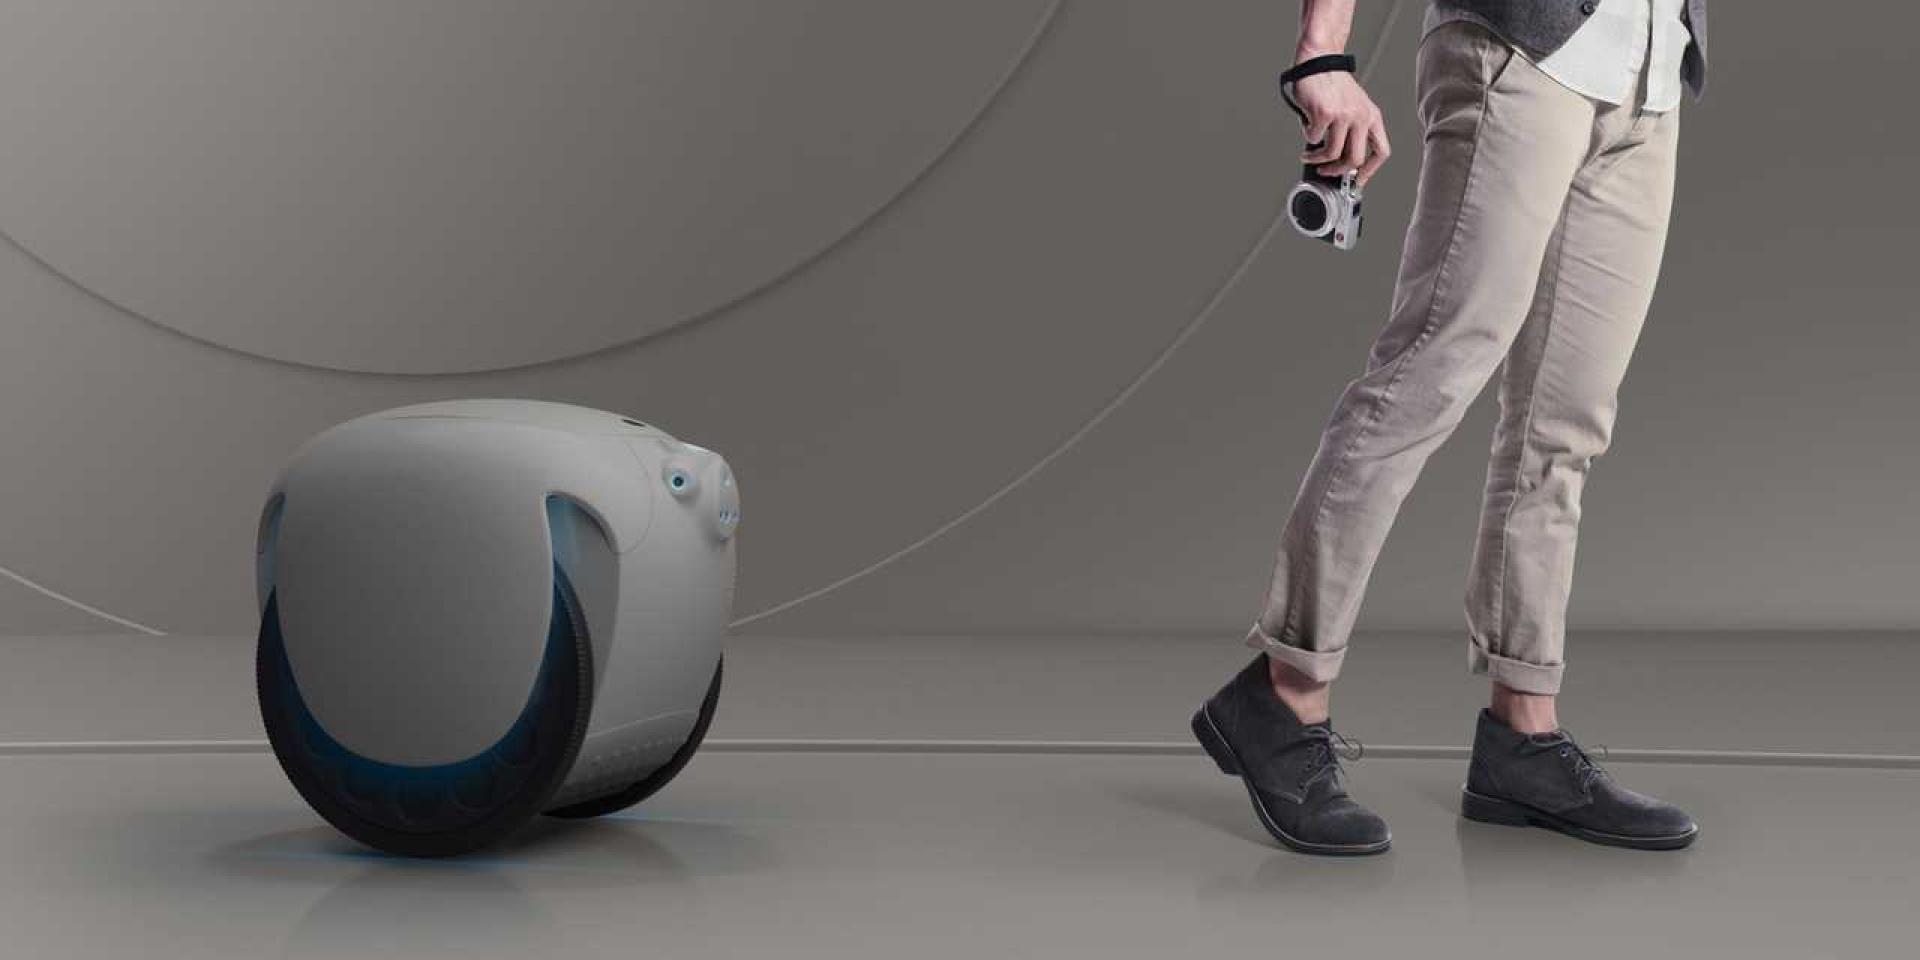 除了Vespa之外 Piaggio來打造了跟屁蟲機器人Gita